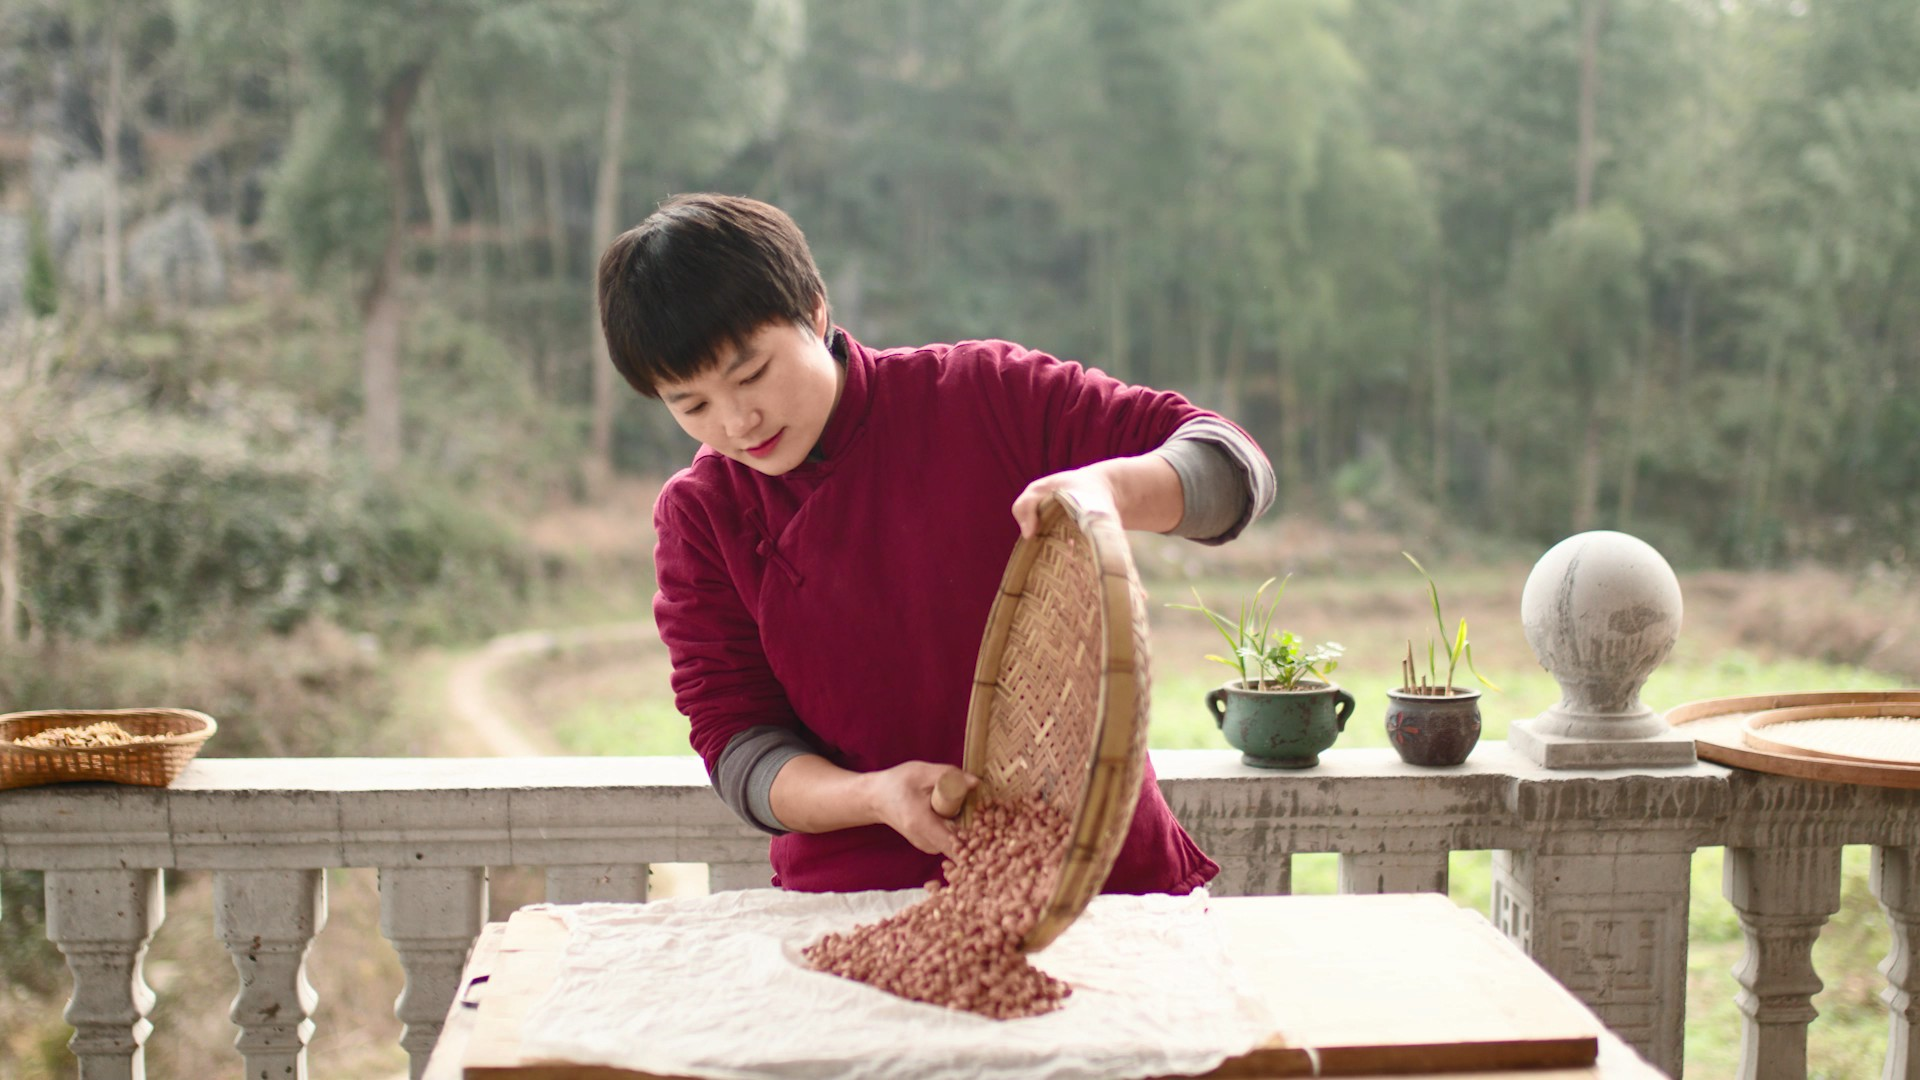 自制小零食【花生糖】,酥脆香甜,制作简单的家常做法